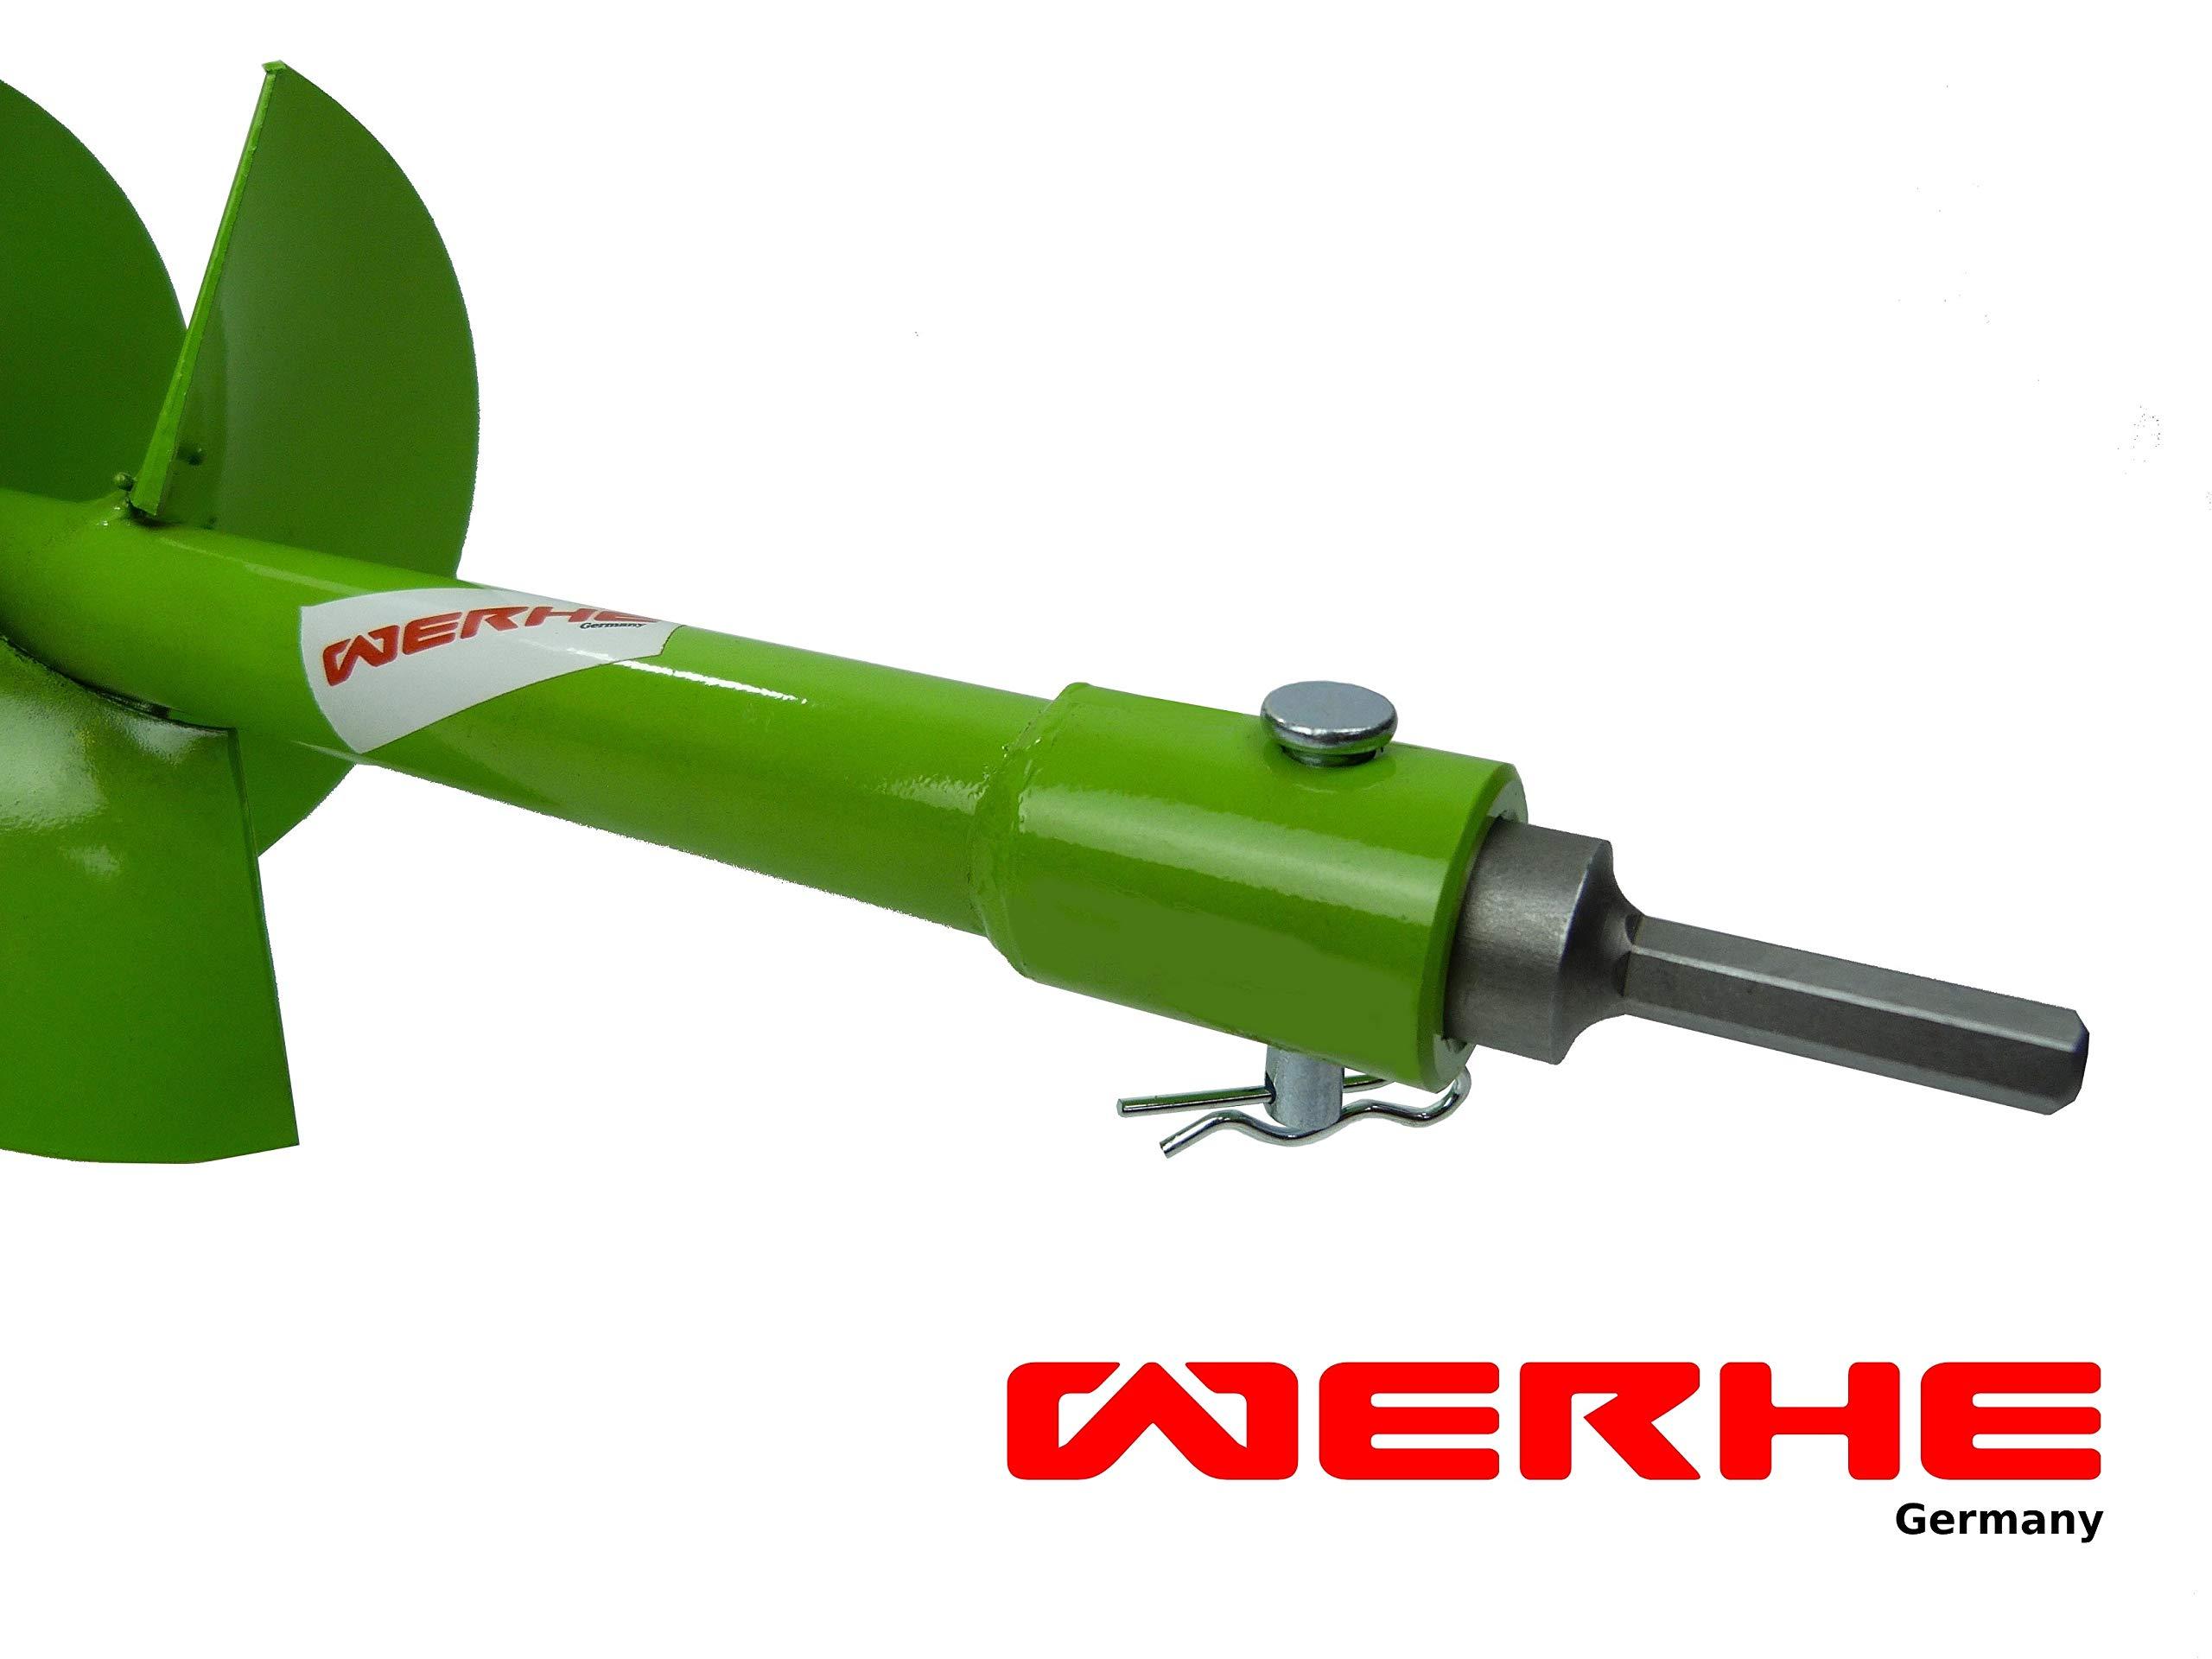 WERHE-Profi-Bohrer-fr-Erdbohrer-300-mm-Pfahlbohrer-Brunnenbohrer-przise-Bohrspitze-Doppelspiral-Hartmetall-eco-Farbe-mit-Hex-Adapter